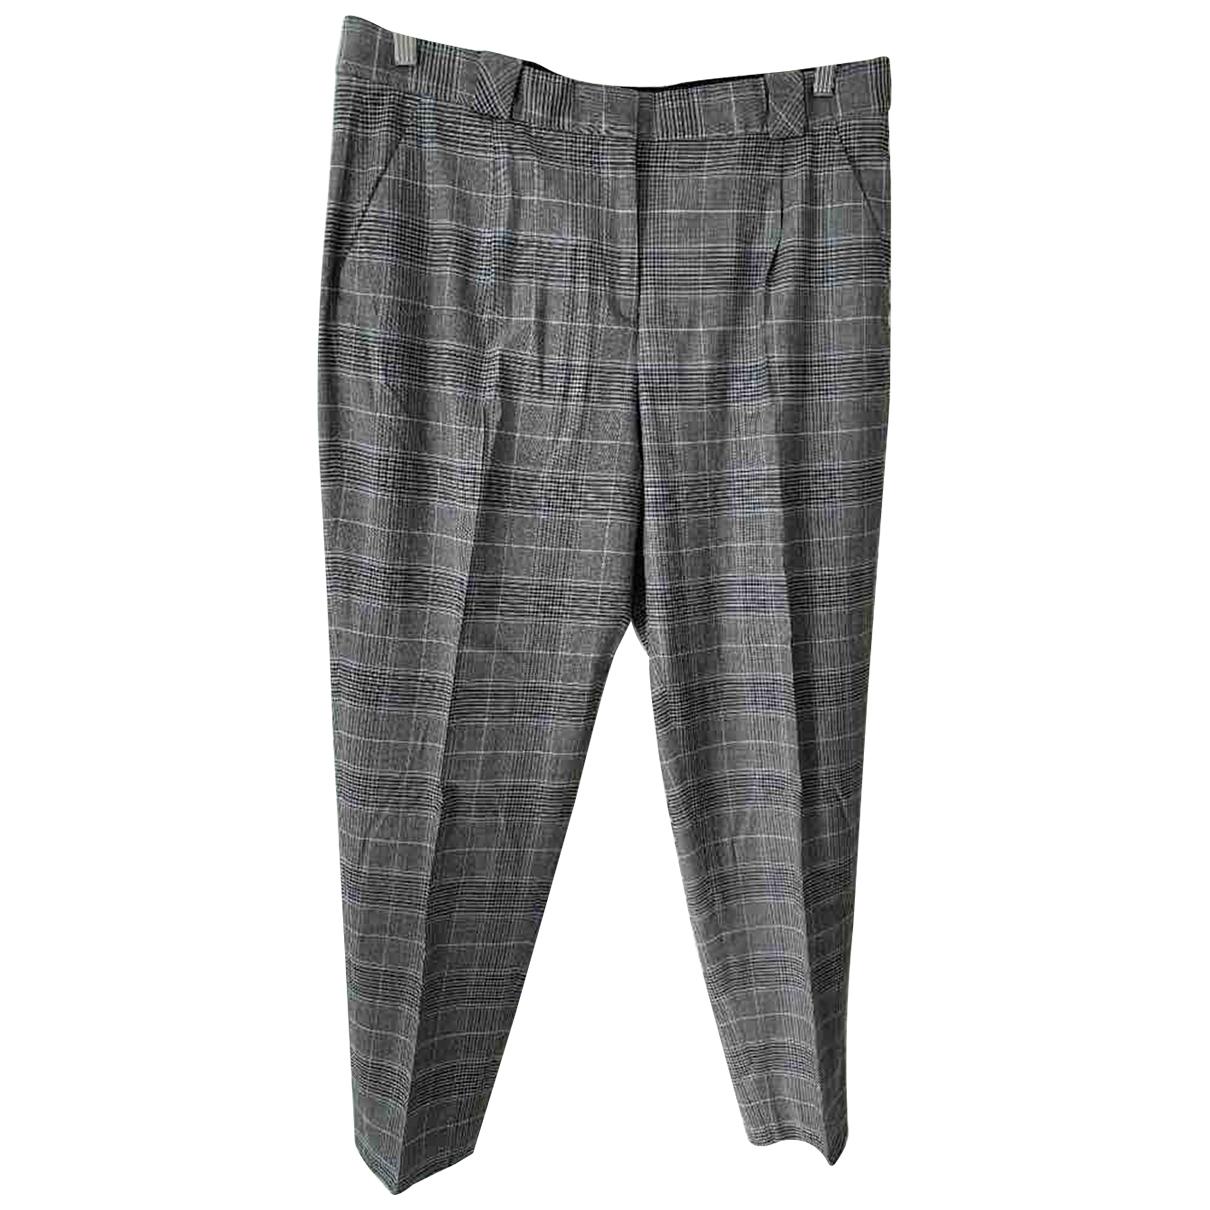 Pantalon de Lana Tara Jarmon